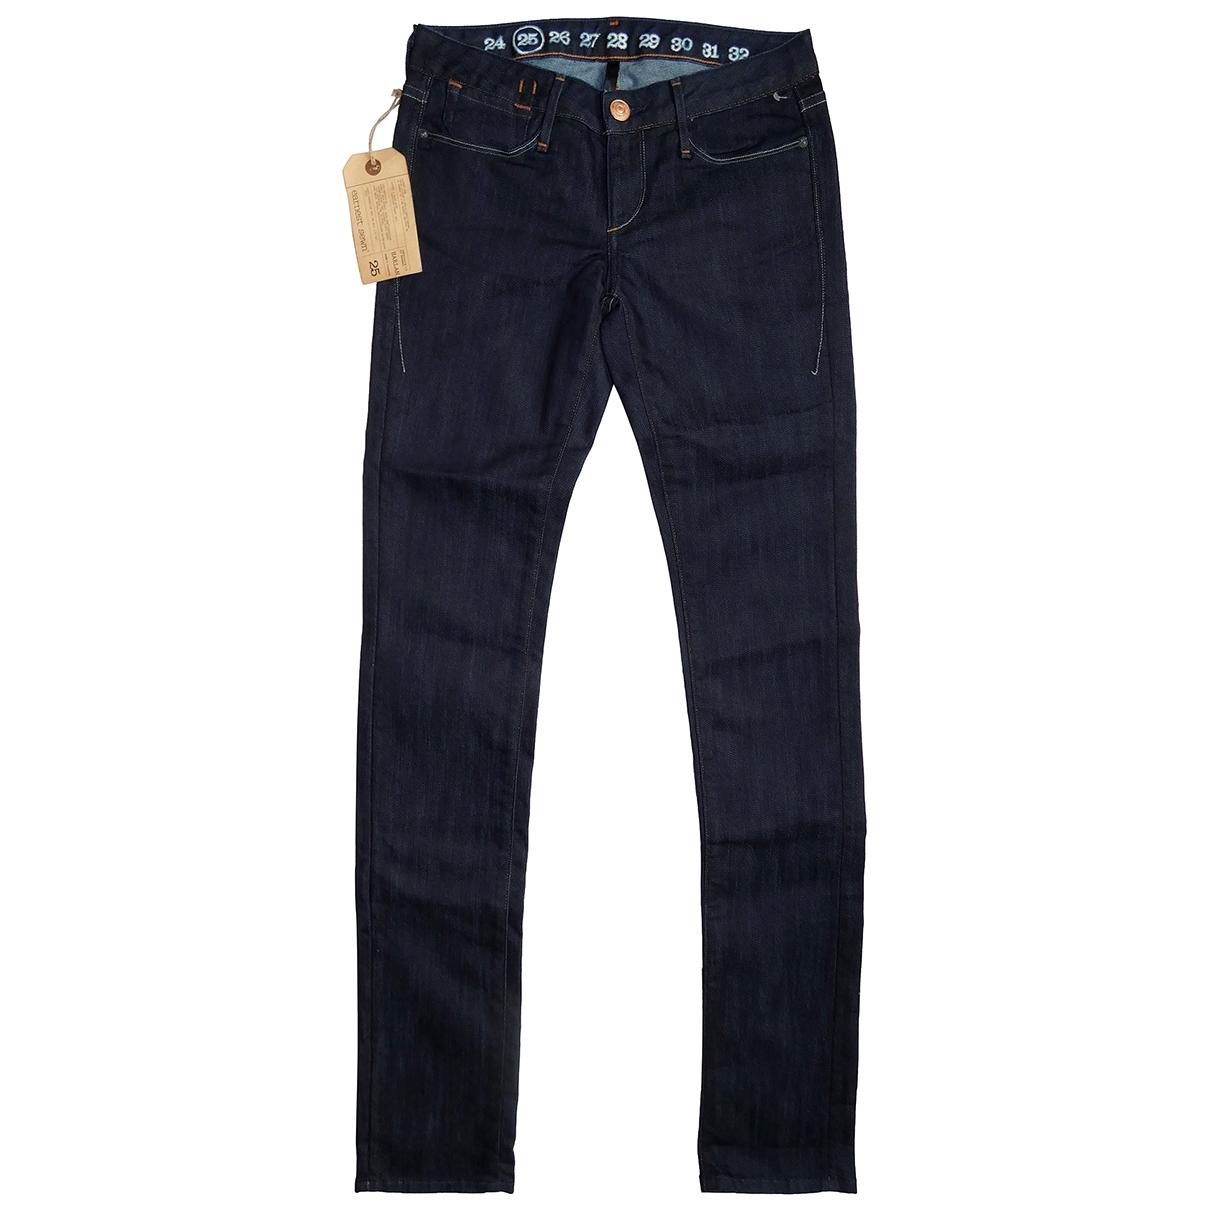 Earnest Sewn \N Blue Denim - Jeans Jeans for Women 25 US